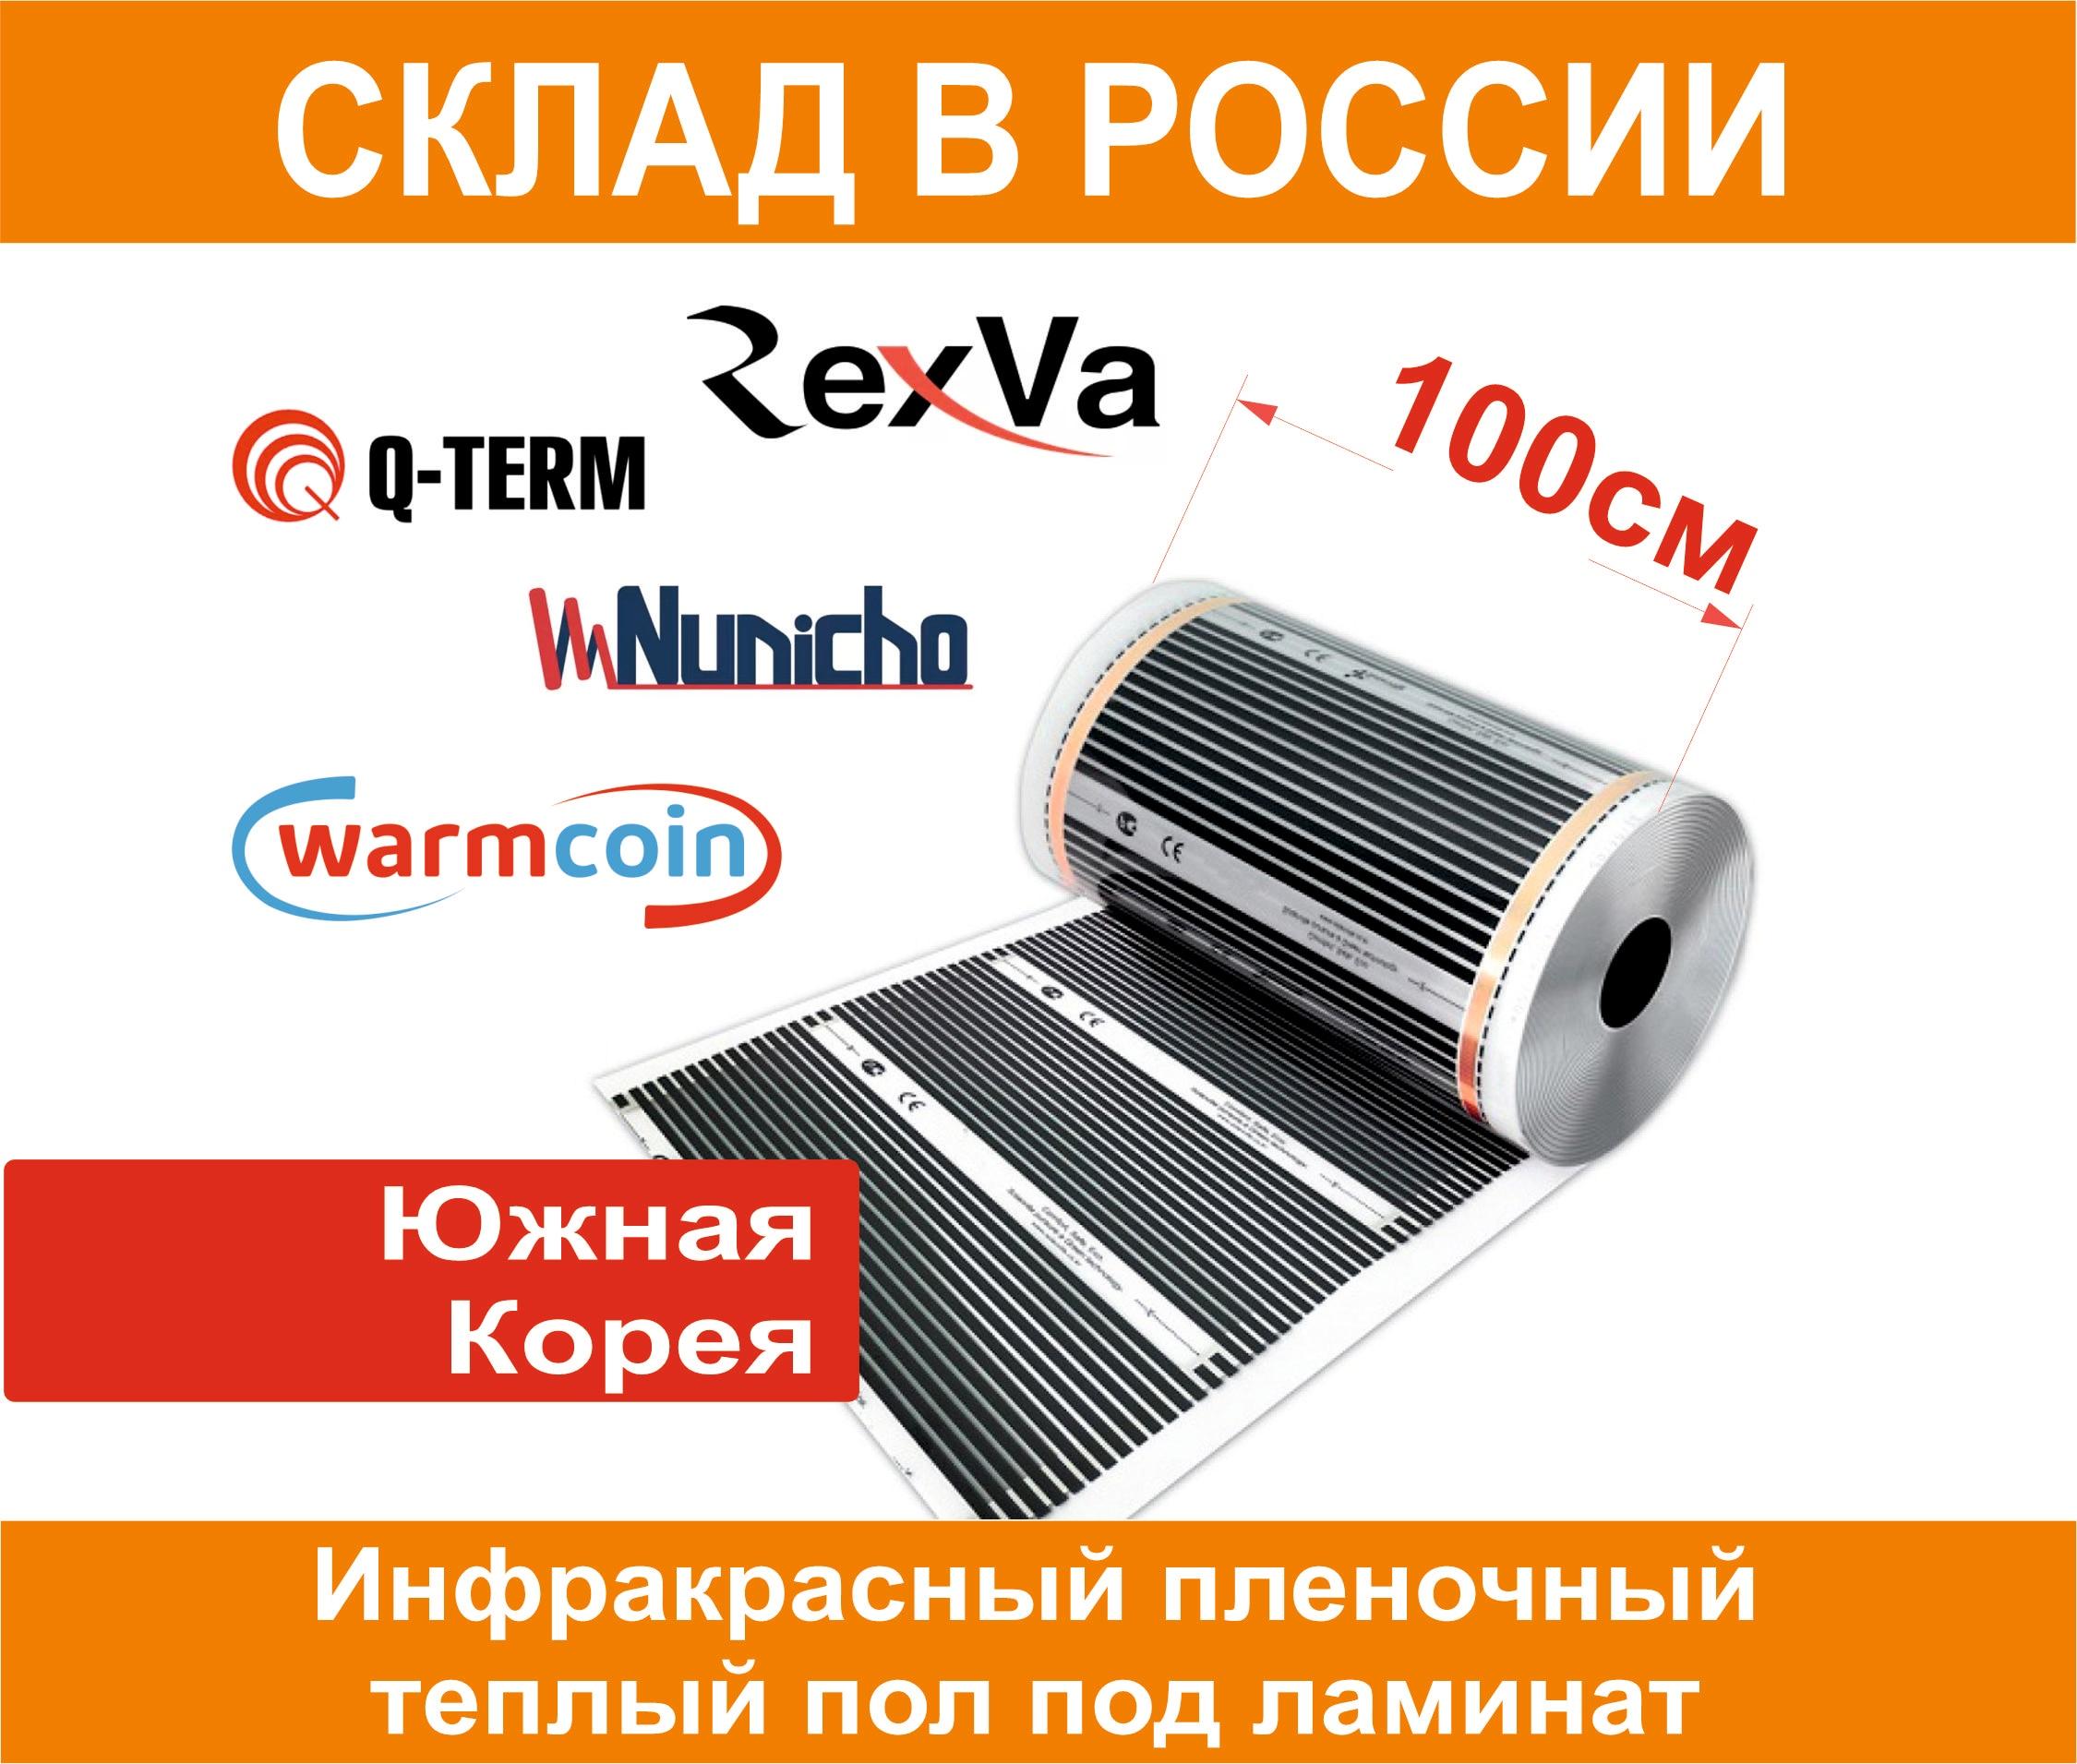 100 см ширина Инфракрасный плёночный тёплый пол под ламинат, ковролин, линолеум, Южная Корея, коврик, для инкубатора